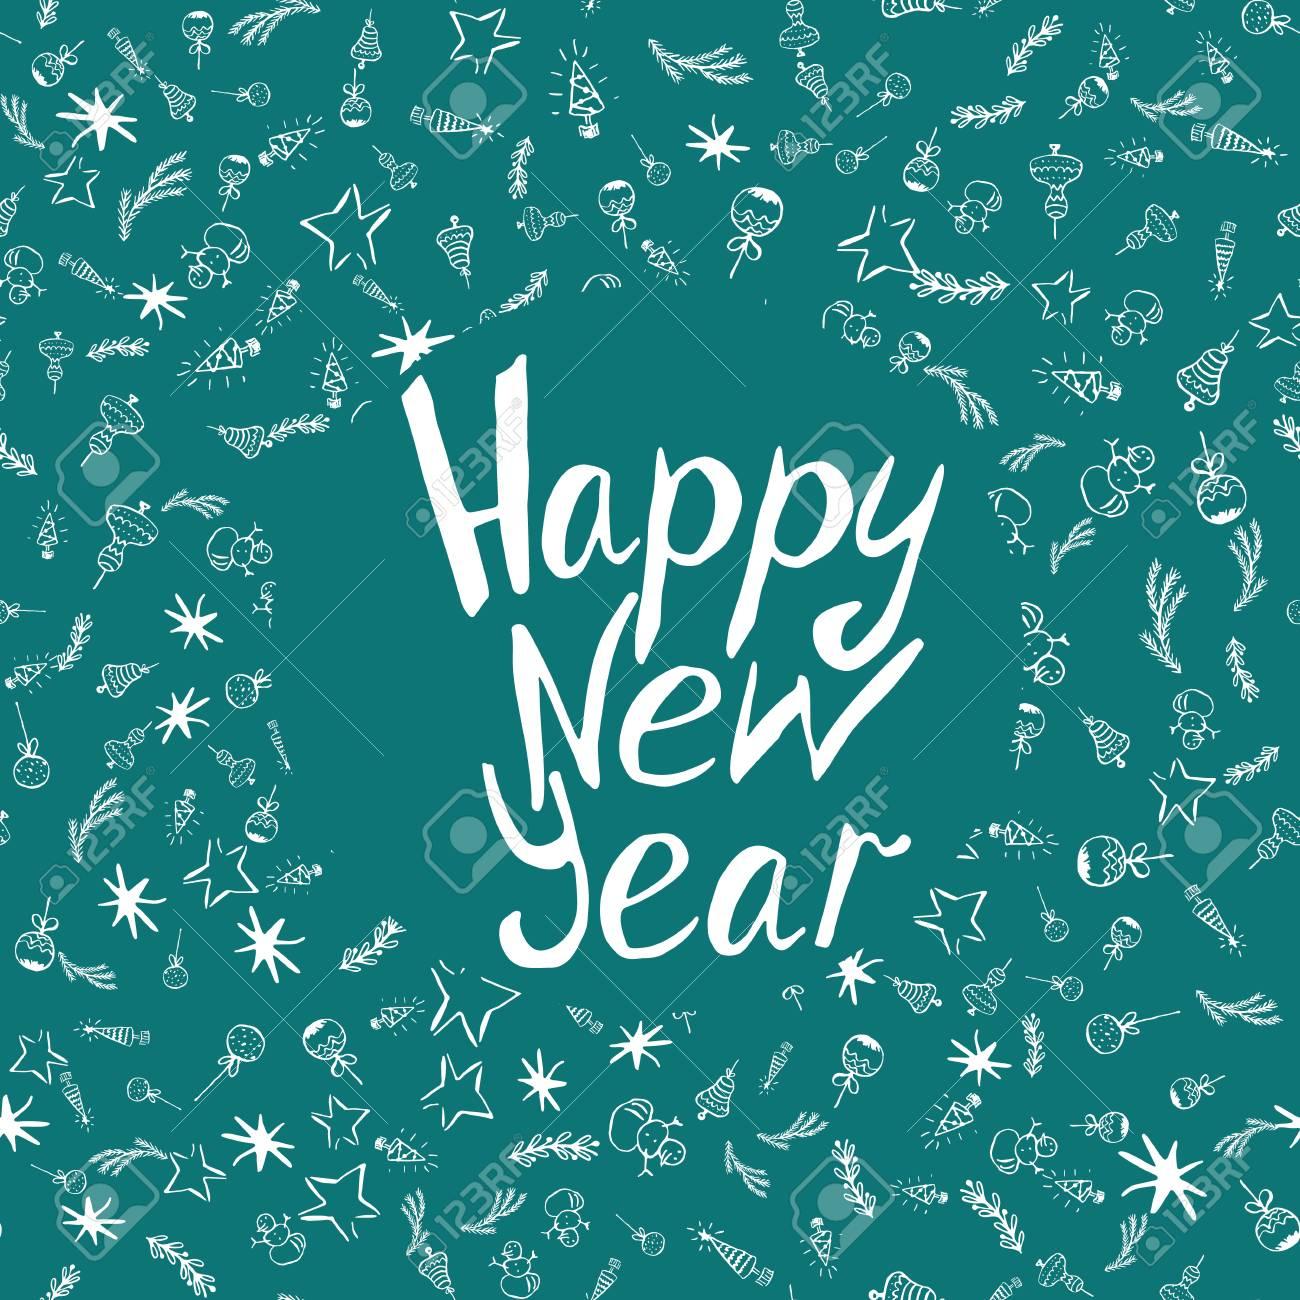 Frase Caligráfica De Feliz Ano Novo Com Elementos Handdrawn